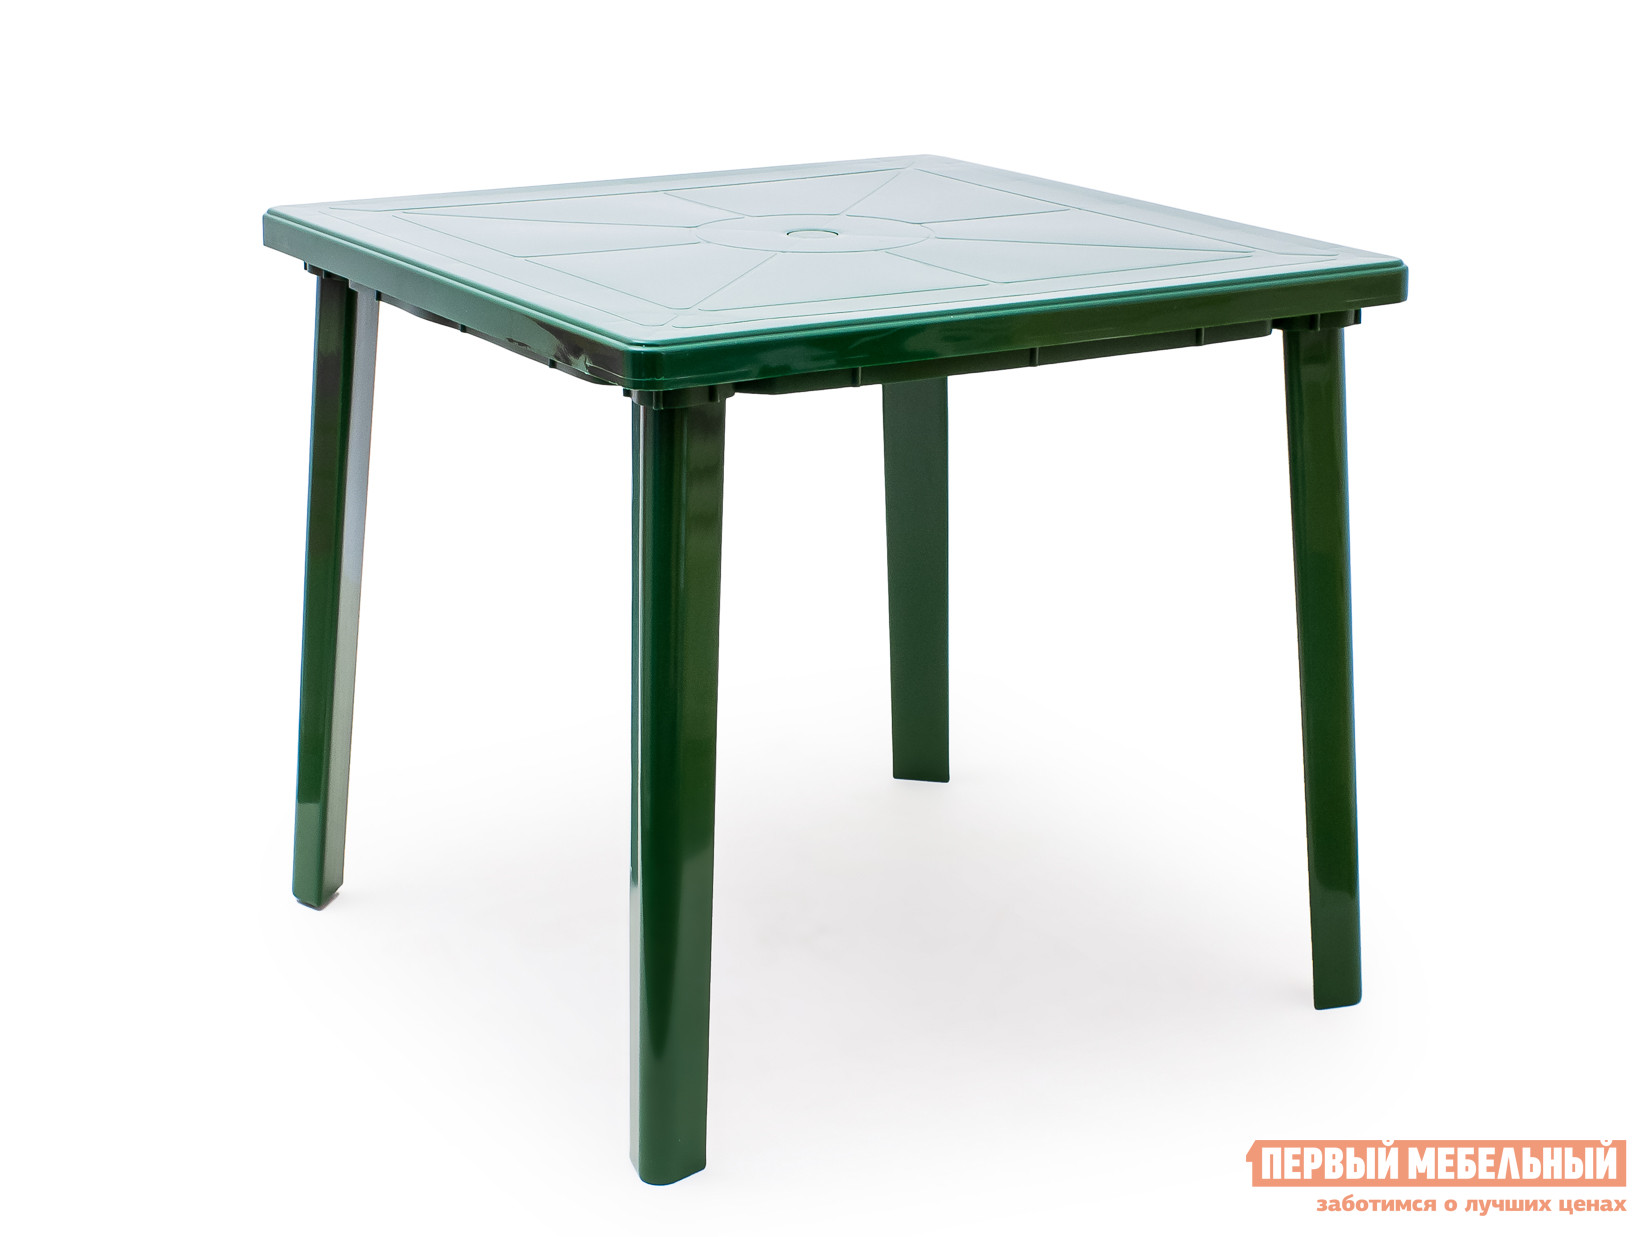 Пластиковый стол Стандарт Пластик Стол квадратный (800х800х710) Темно-зеленыйПластиковые столы<br>Габаритные размеры ВхШхГ 710x800x800 мм. Пластиковый квадратный стол удобный и легкий, выполнен в лаконичном стиле.  Стол отличается прочностью и надежен в эксплуатации.  Дизайн мебельного изделия разработан так, что его легко сочетать с другой мебелью.  Так же конструкцией стола предусмотрено отверстие для зонта с заглушкой.   Мебельные изделия из пластика демократичны, хорошо подходят для меблировки дачи, зоны отдыха или летнего кафе.  Пластиковая мебель не боится перепадов температур, повышенной влажности.  Такая мебель станет верным союзником в комфортном и гармоничном отдыхе.<br><br>Цвет: Зеленый<br>Высота мм: 710<br>Ширина мм: 800<br>Глубина мм: 800<br>Кол-во упаковок: 1<br>Форма поставки: В разобранном виде<br>Срок гарантии: 1 год<br>Форма: Квадратные<br>Размер: Маленькие